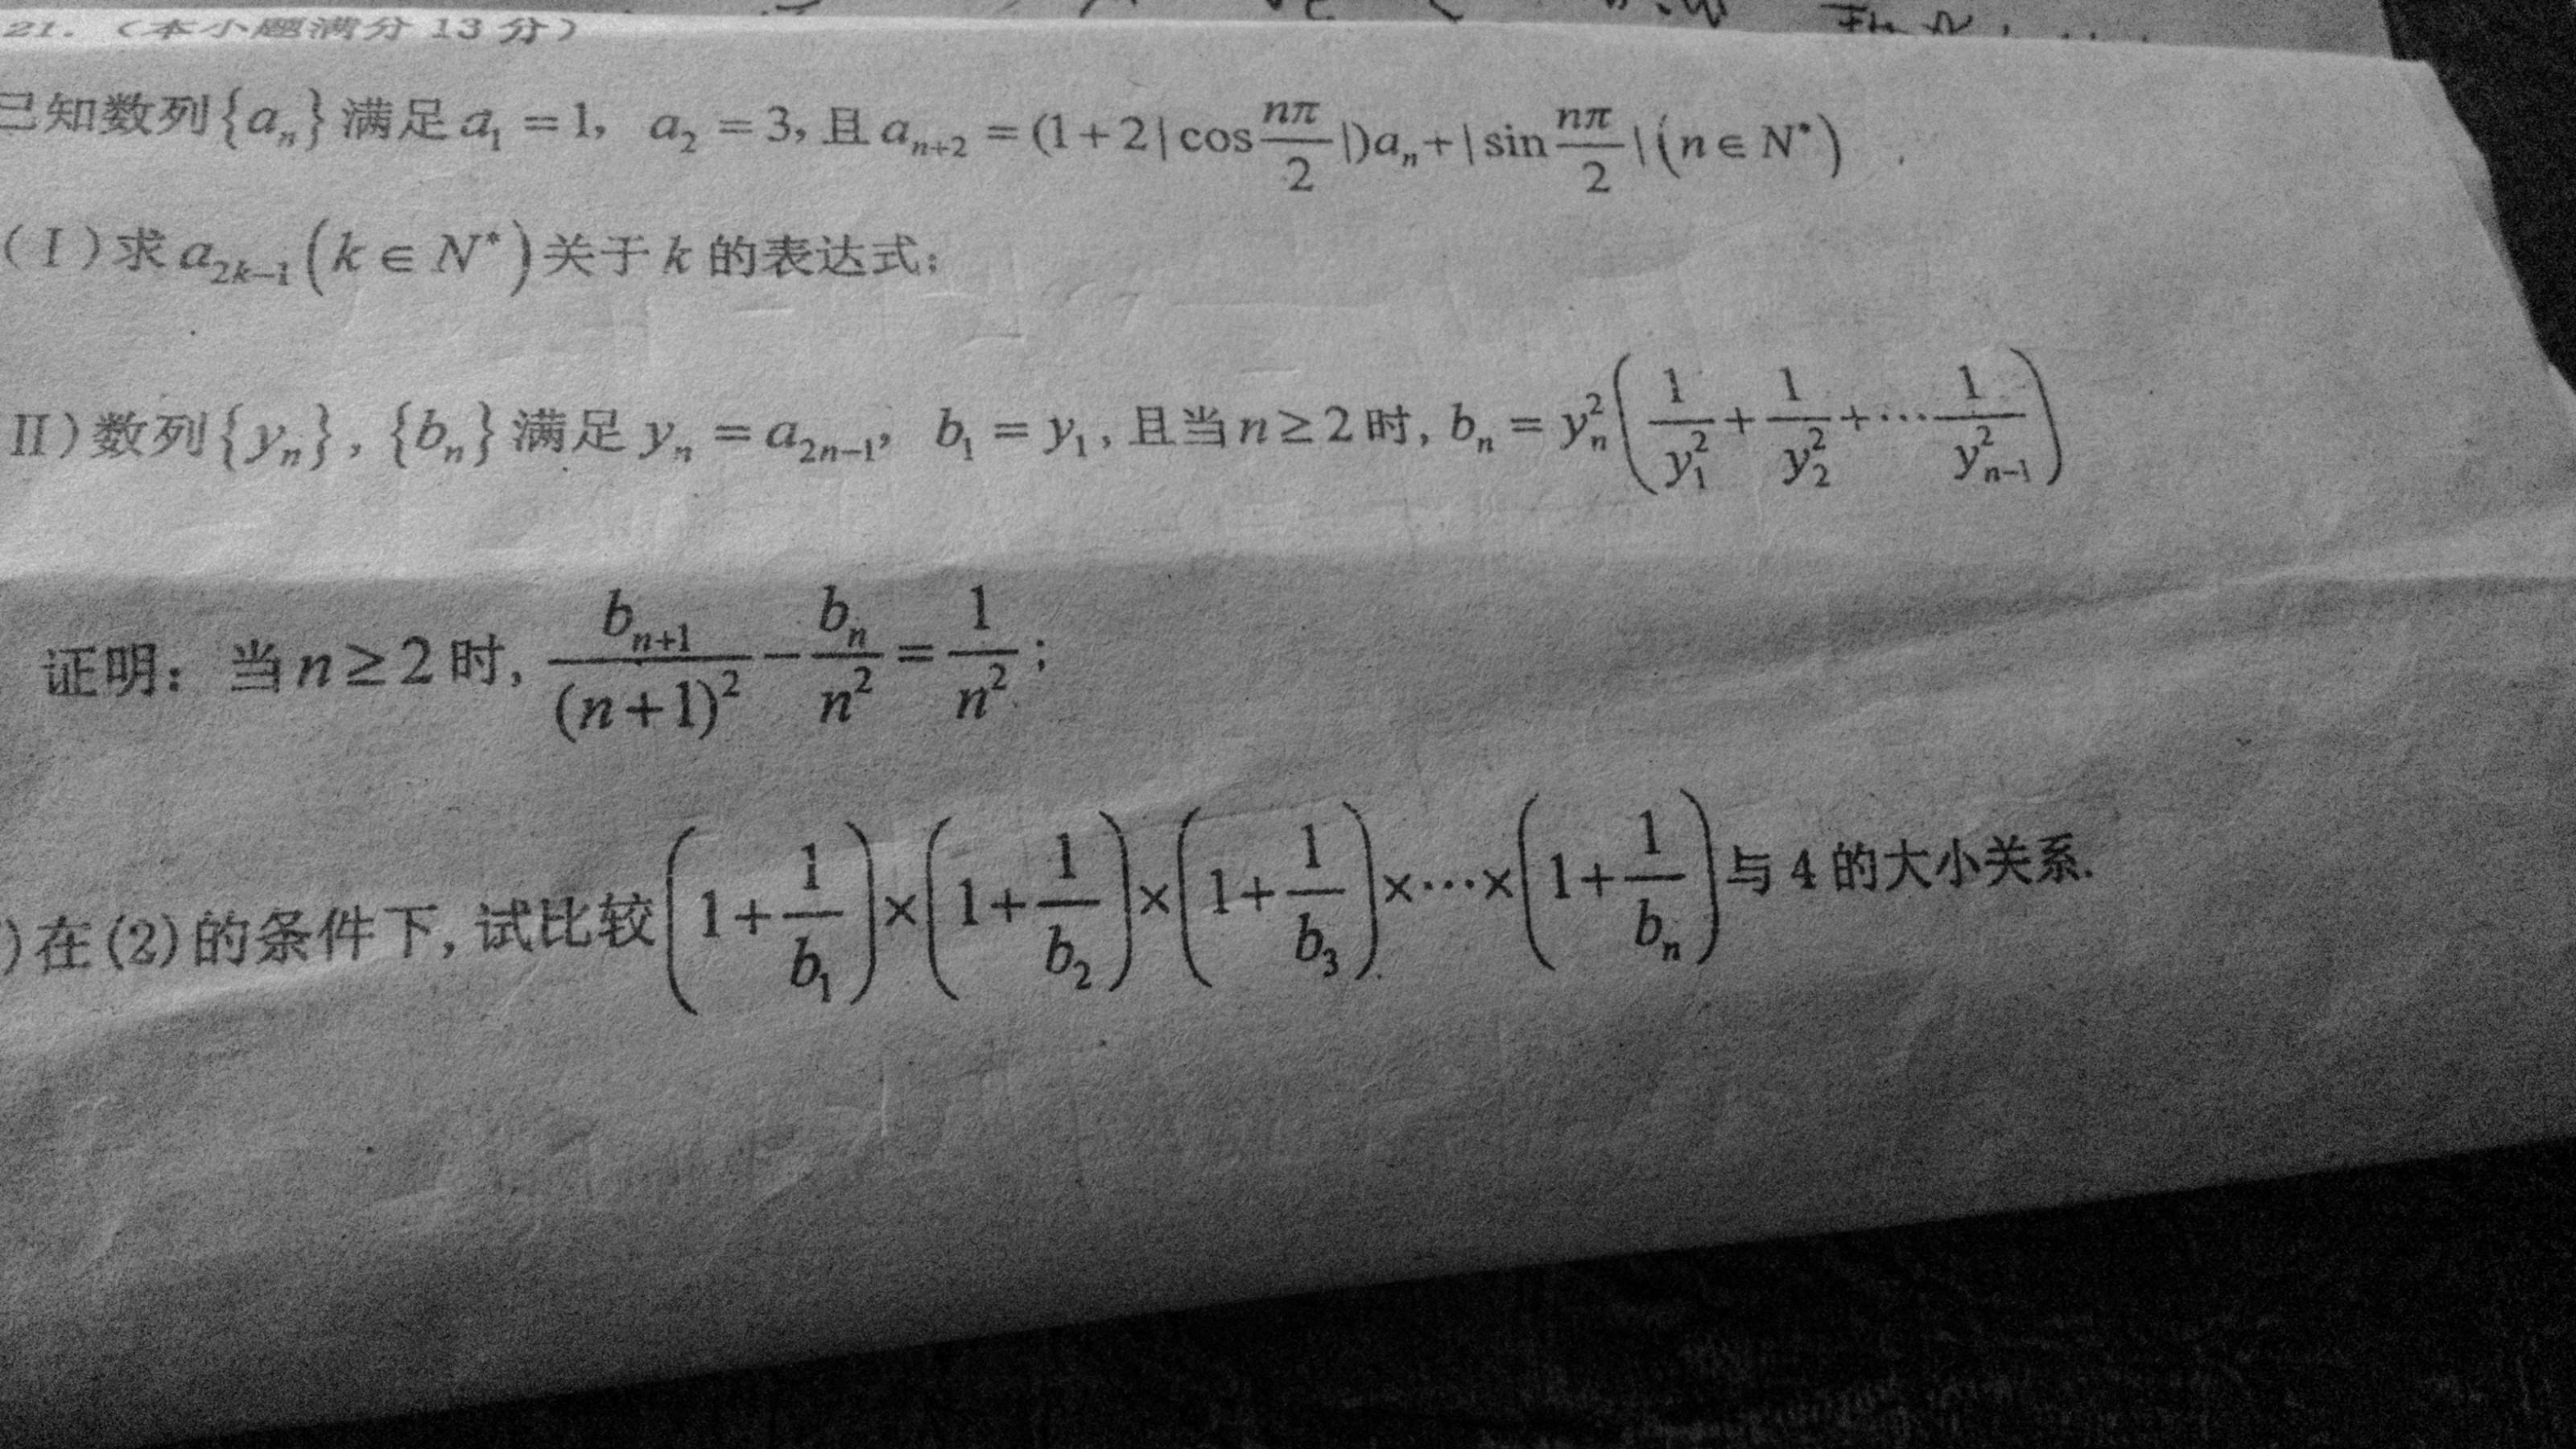 高中二年数学数列问题